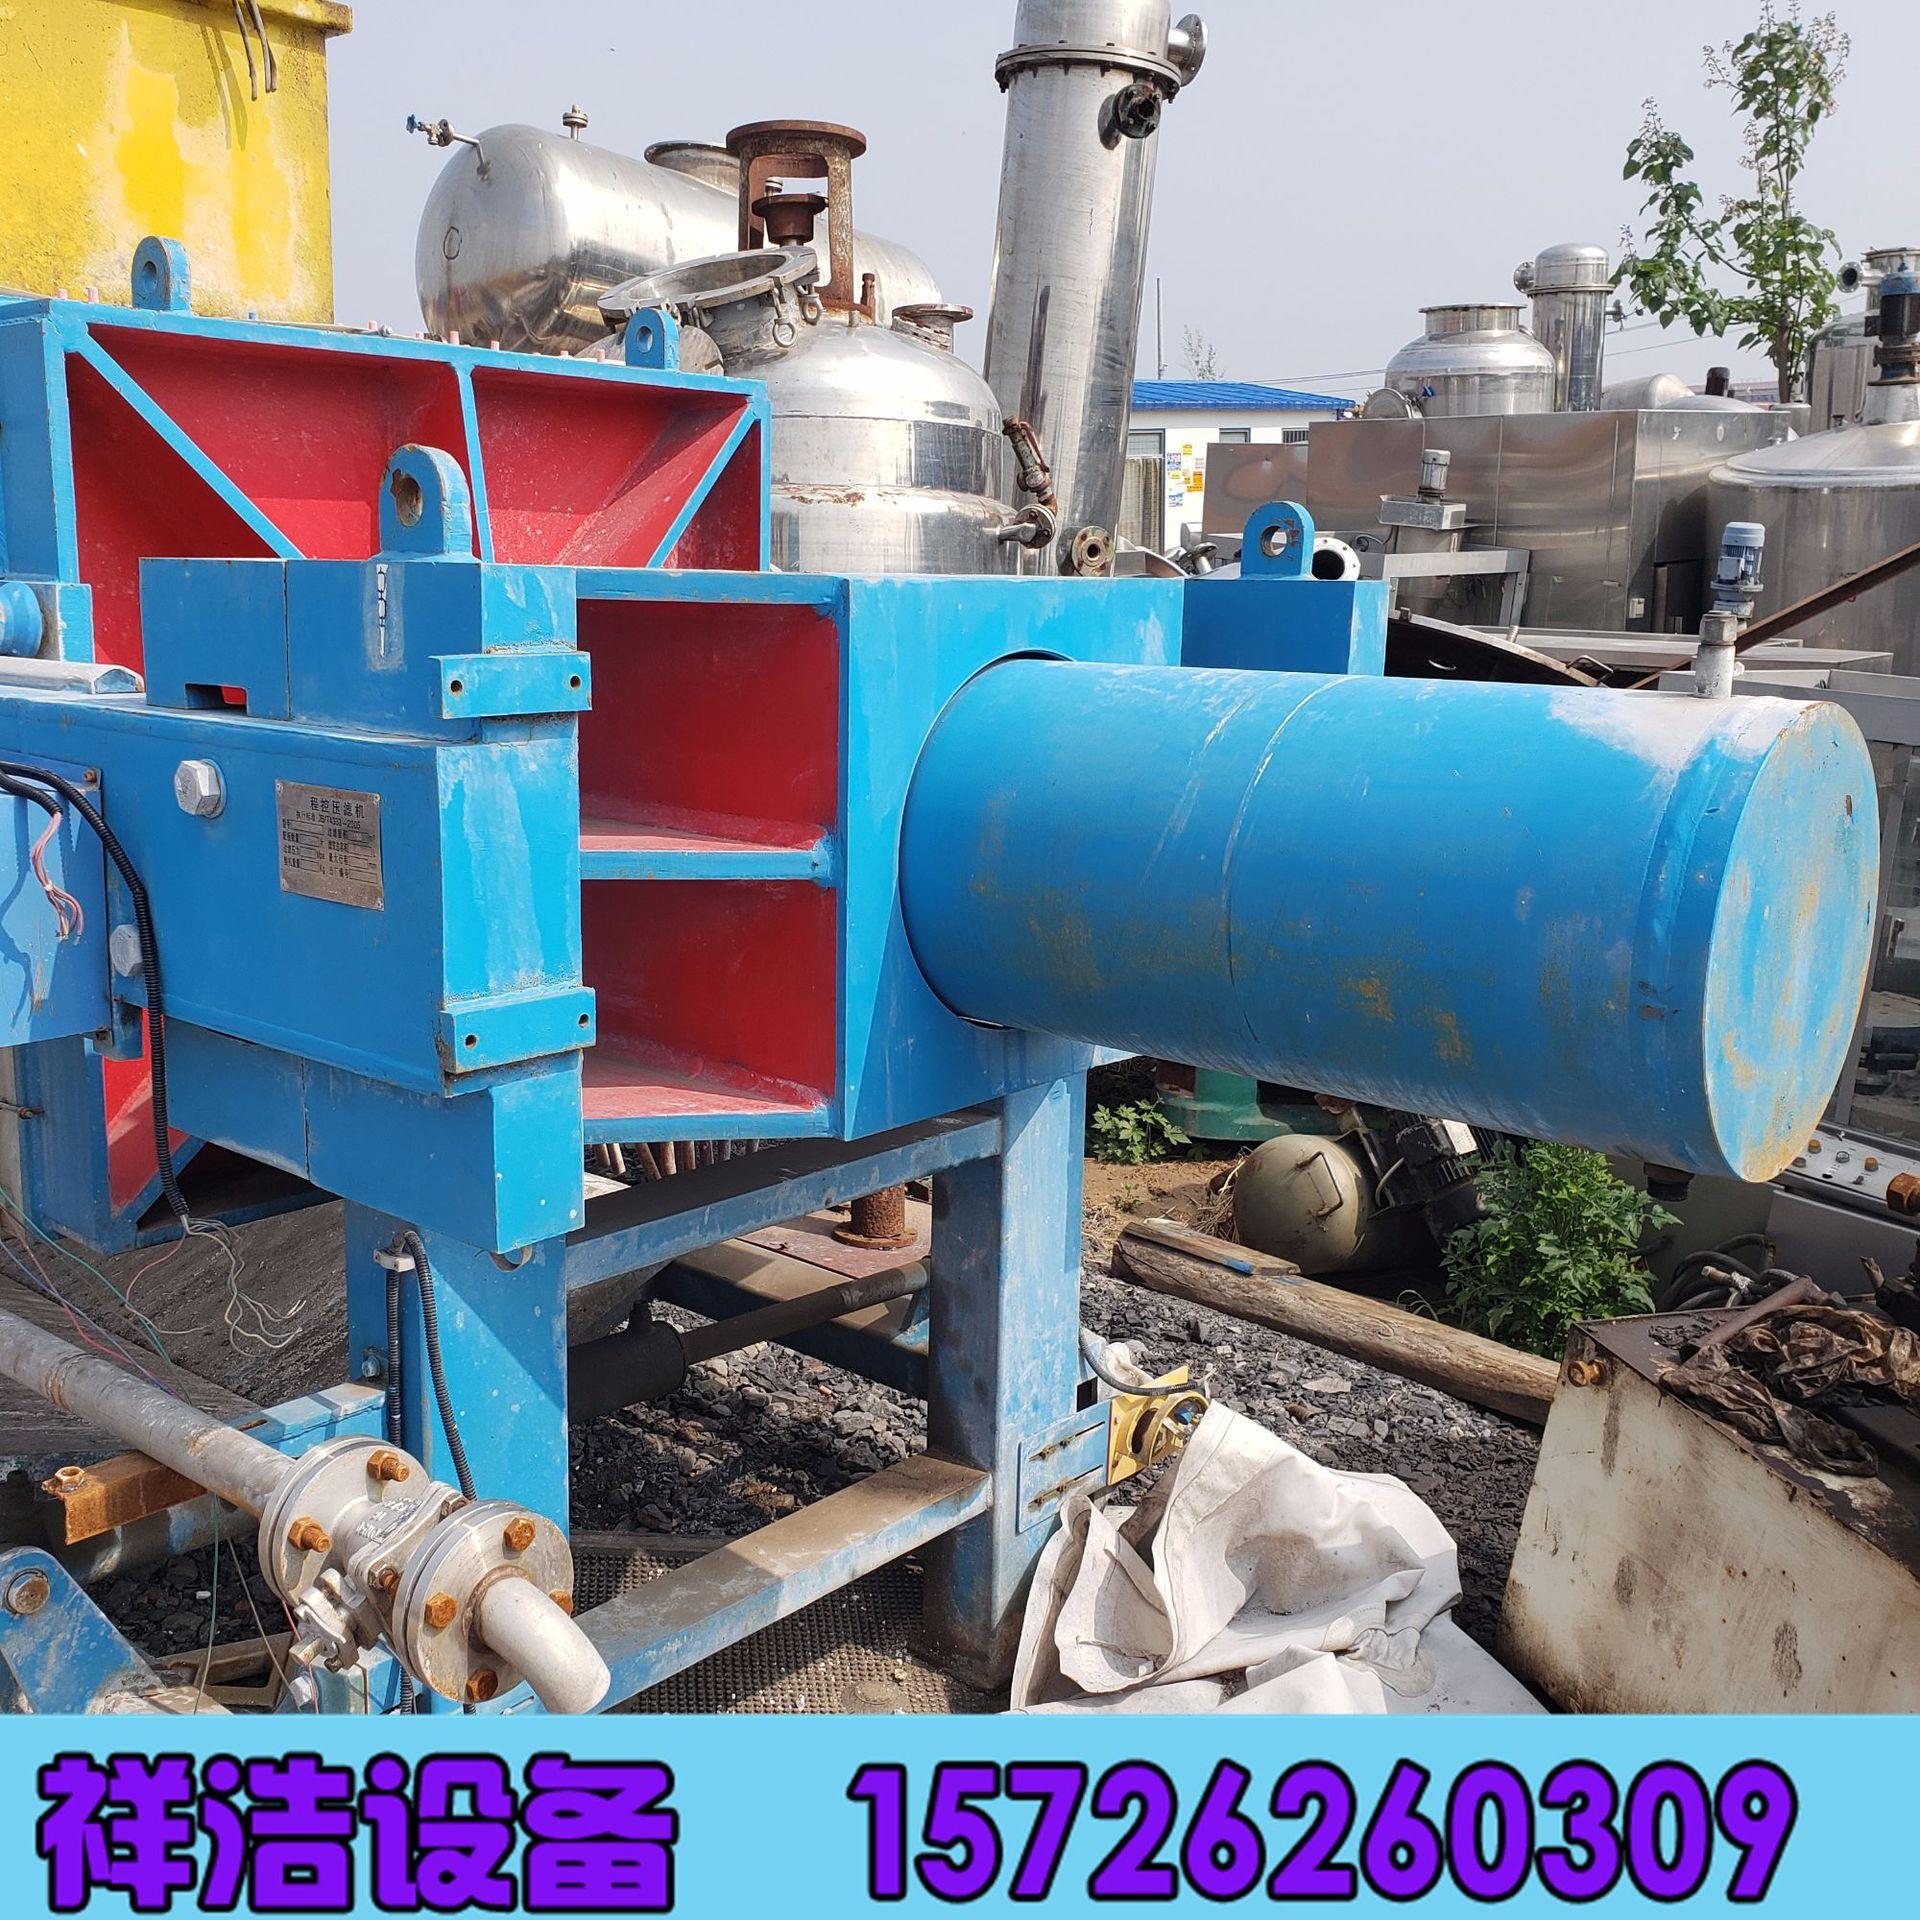 廠家直銷壓濾機 200平方廂式壓濾機 程控隔膜壓濾機 污泥脫水設備示例圖7